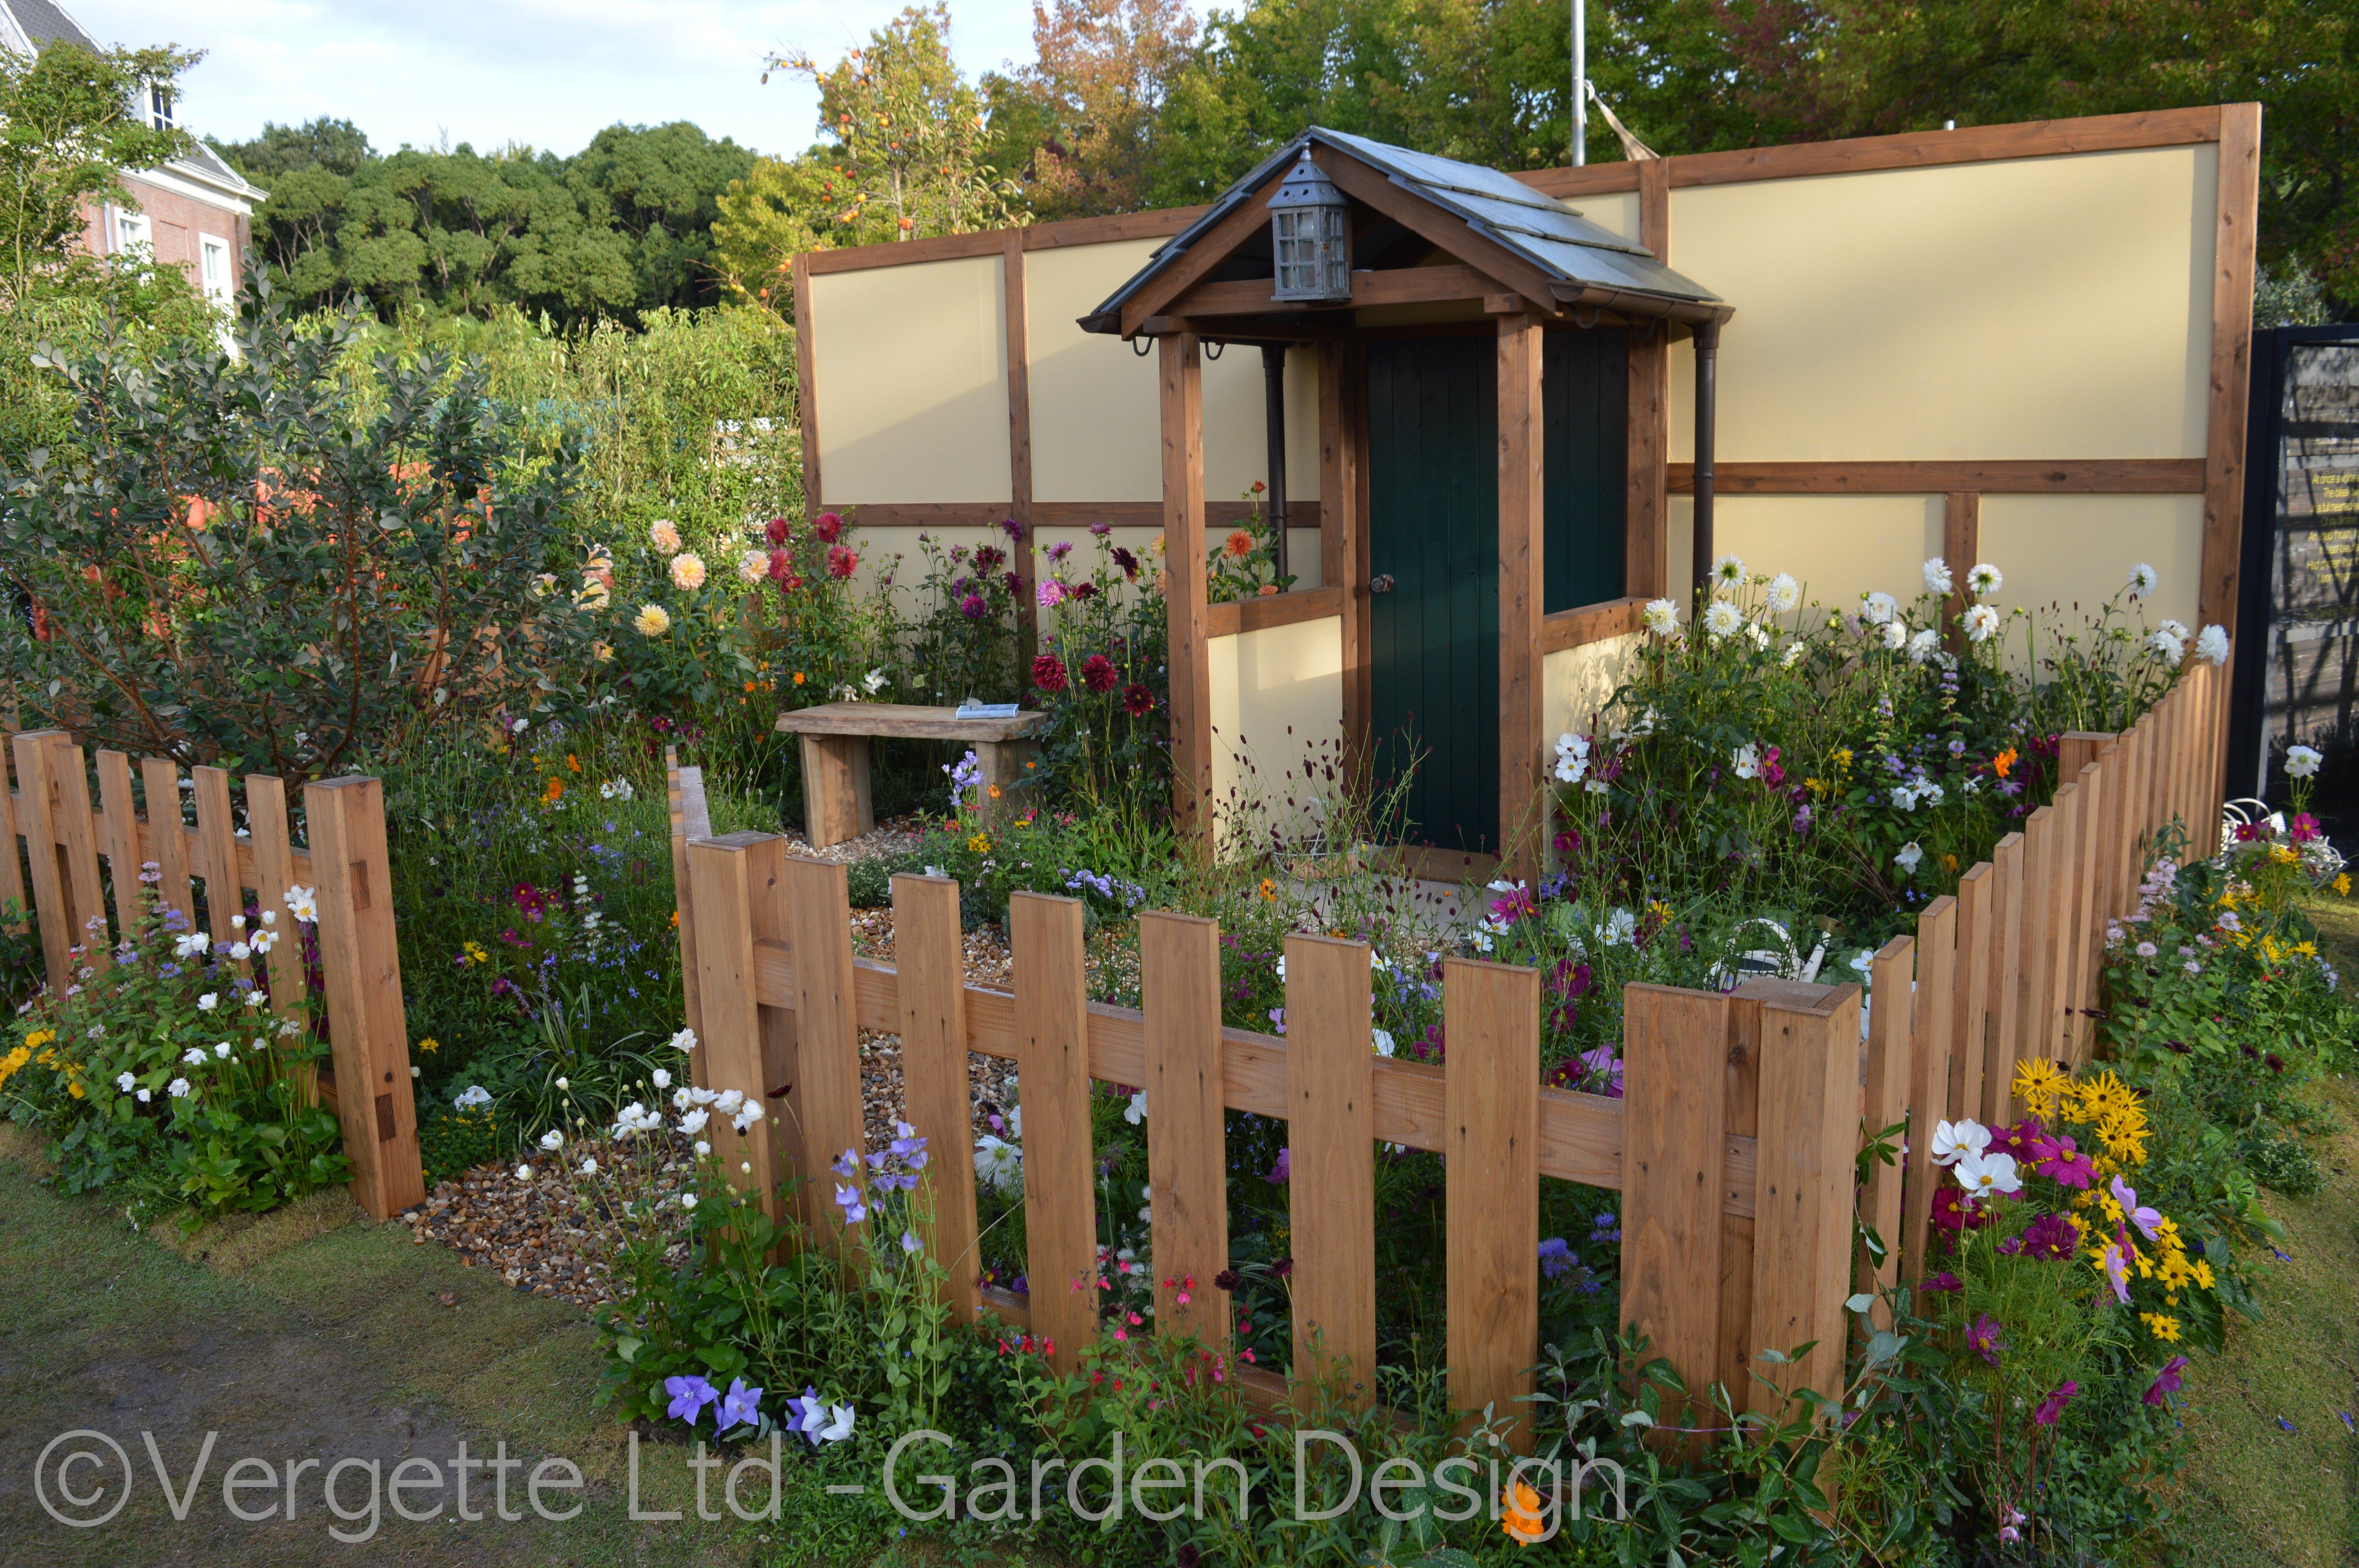 Show Gardens – Vergette Gardens